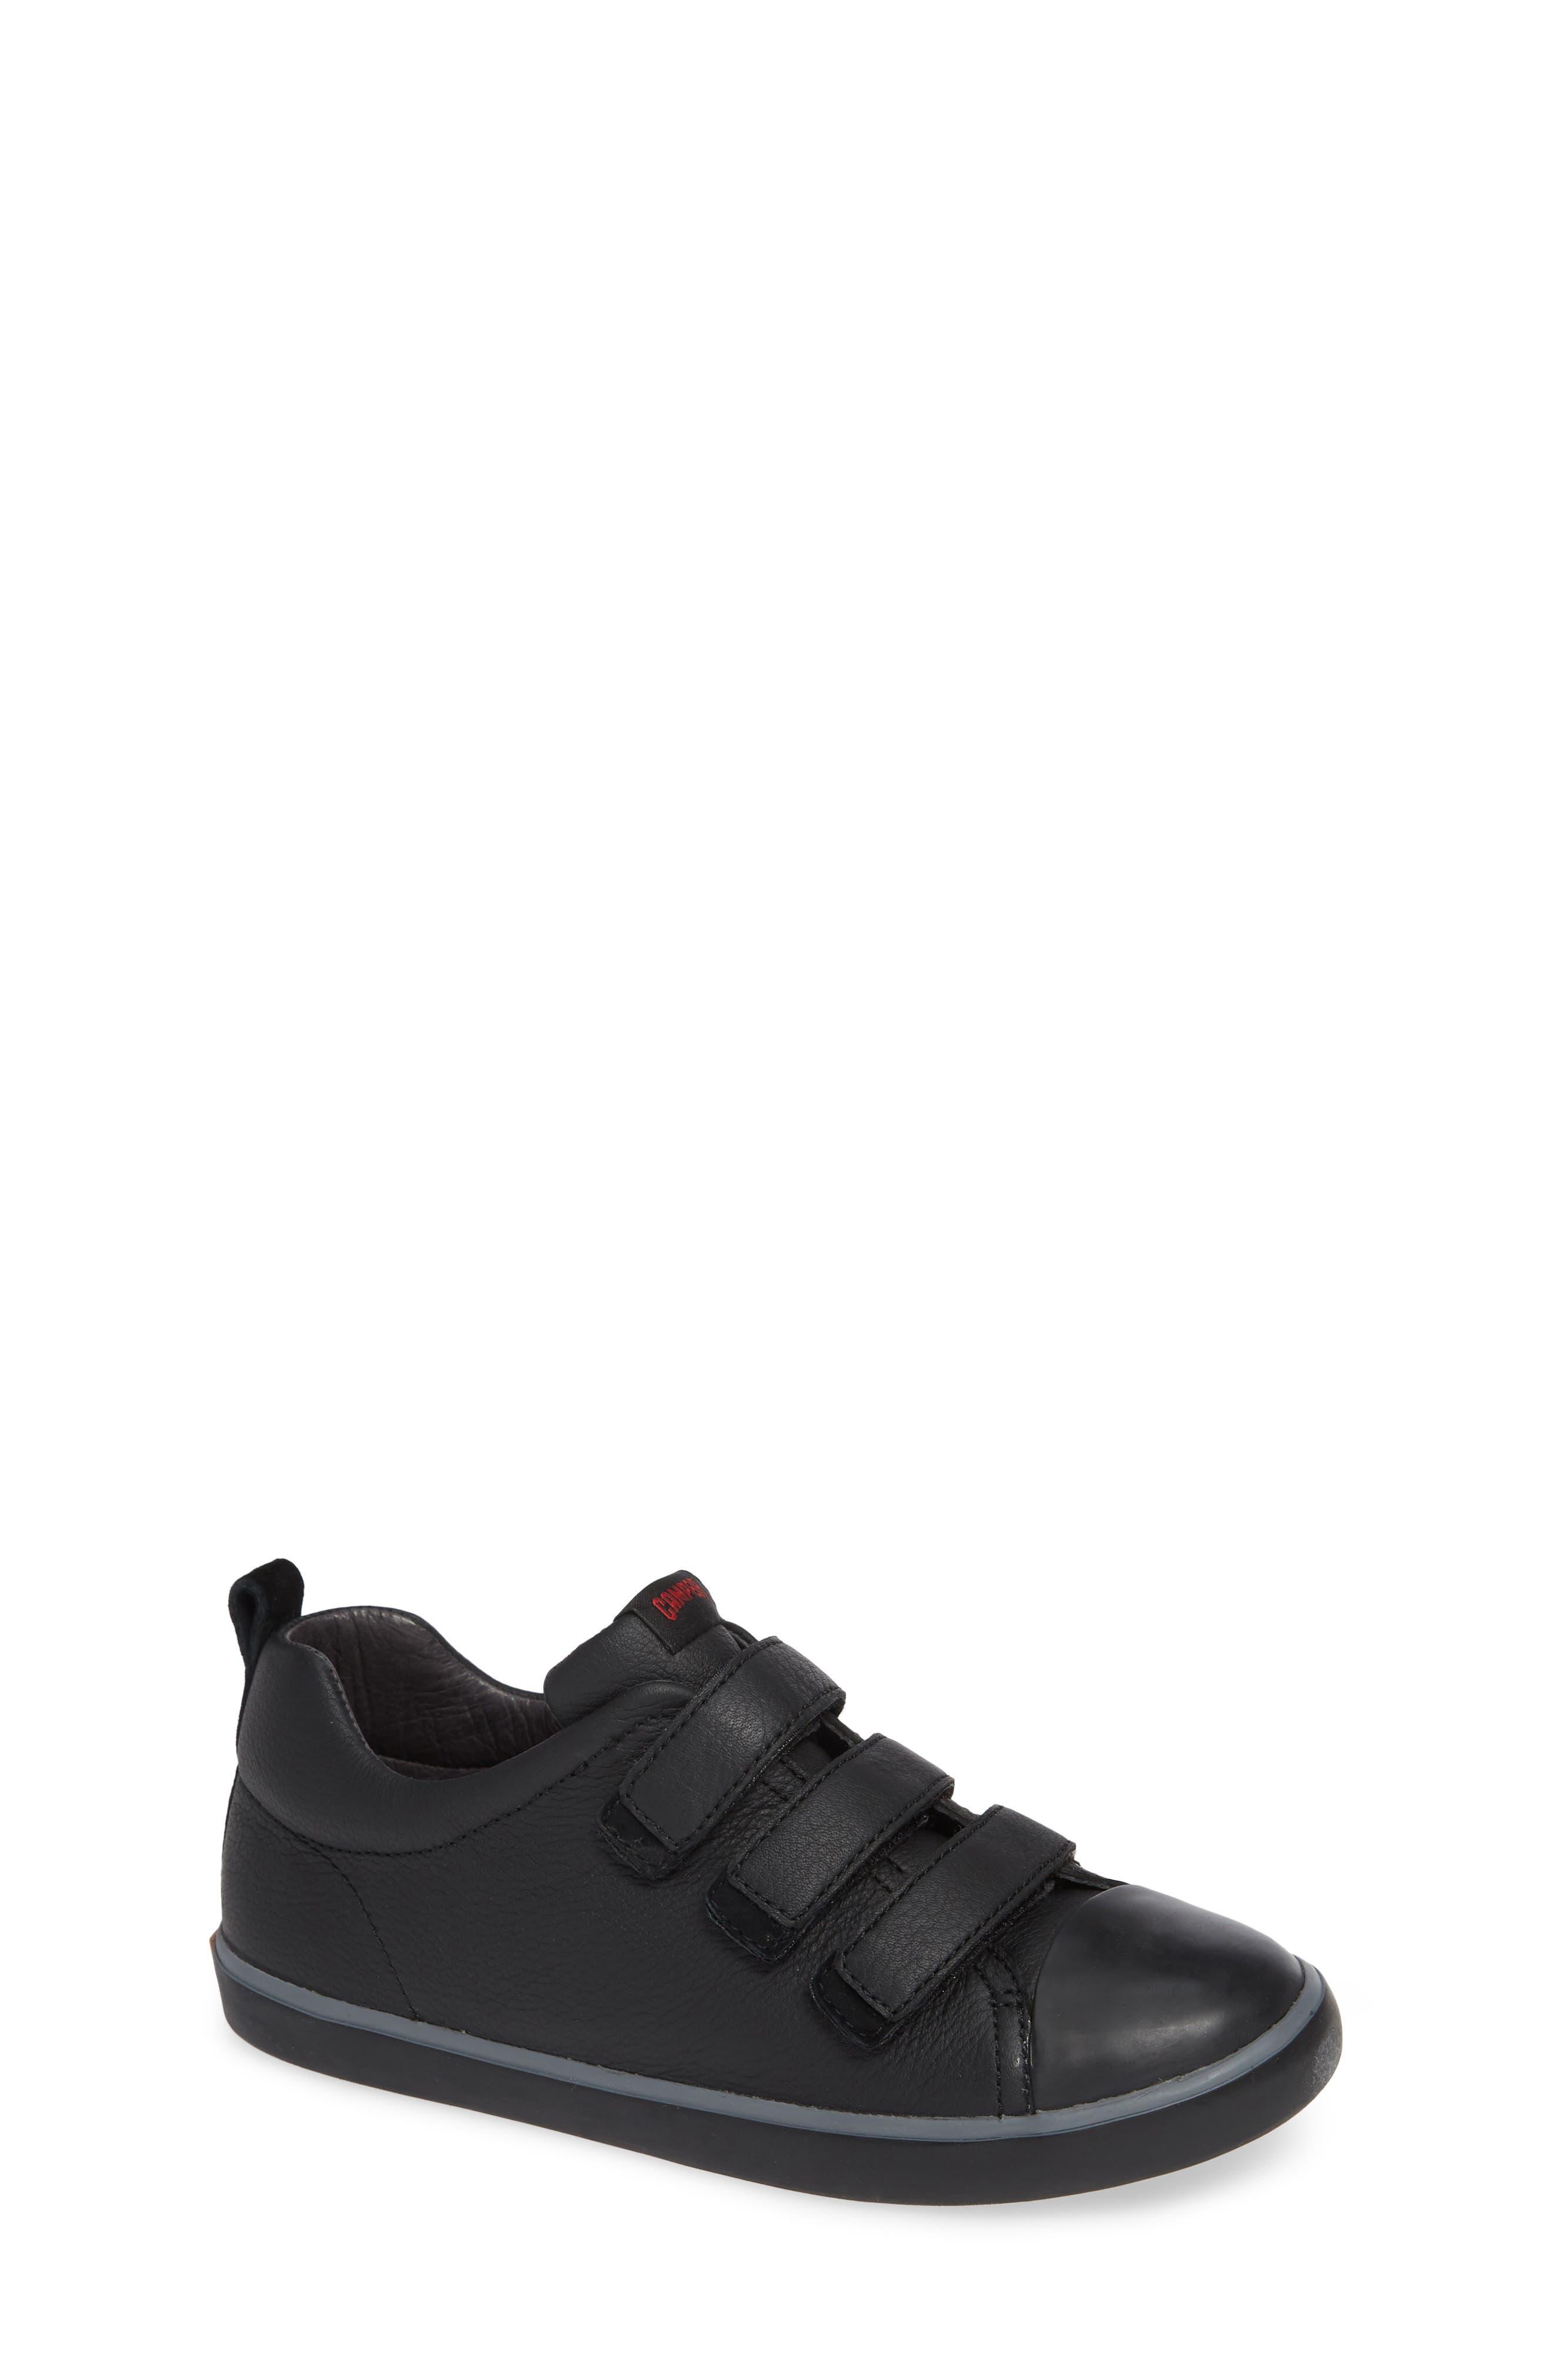 CAMPER, Pursuit Sneaker, Main thumbnail 1, color, BLACK